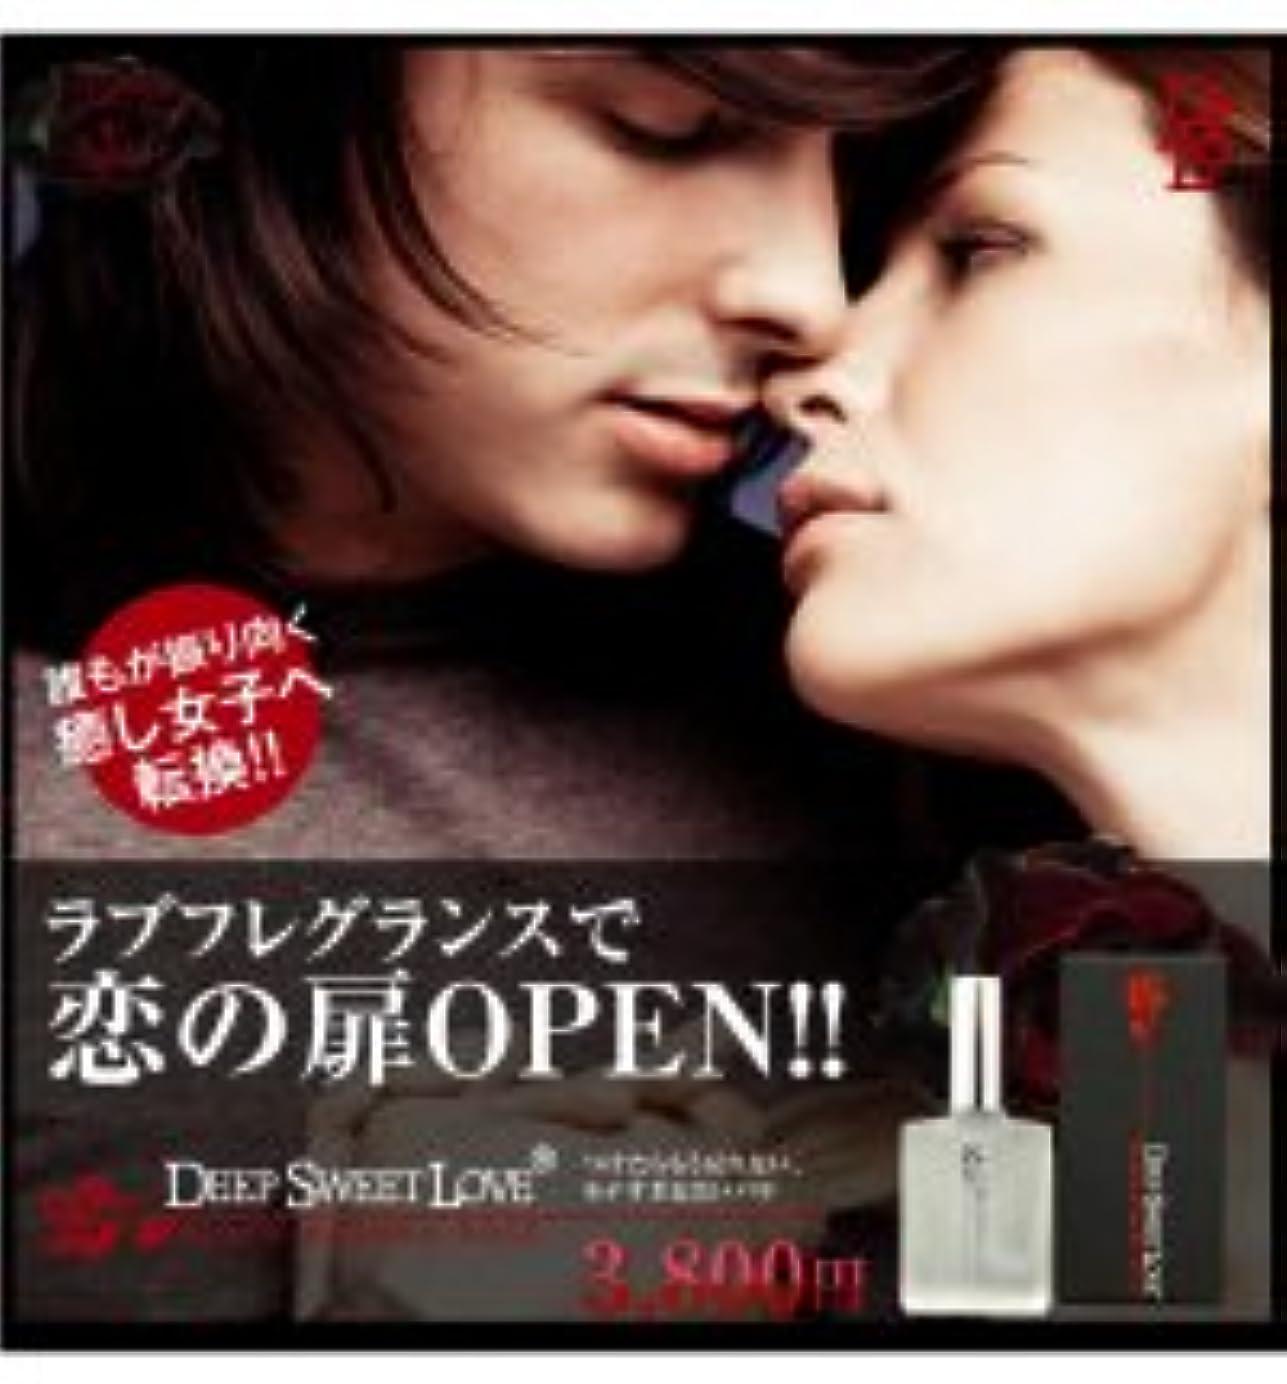 終点キャプテンブライ主婦3個セット ディープスイートラブ (DEEP SWEET LOVE)女性用フェロモン香水